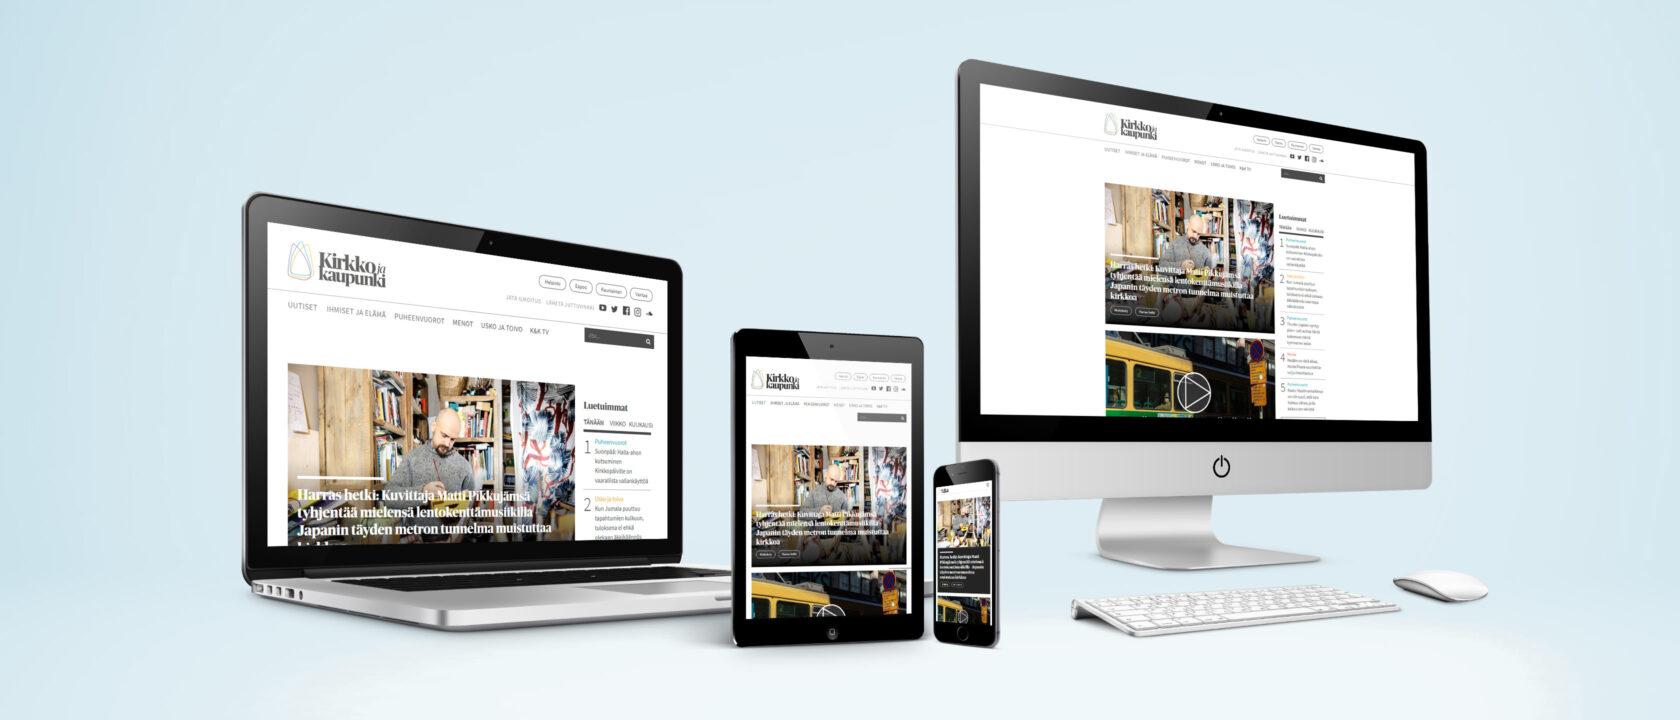 Kirkkojakaupunki.fi -verkkomedia rakentui Liferay Portal 7.0 CE:lle